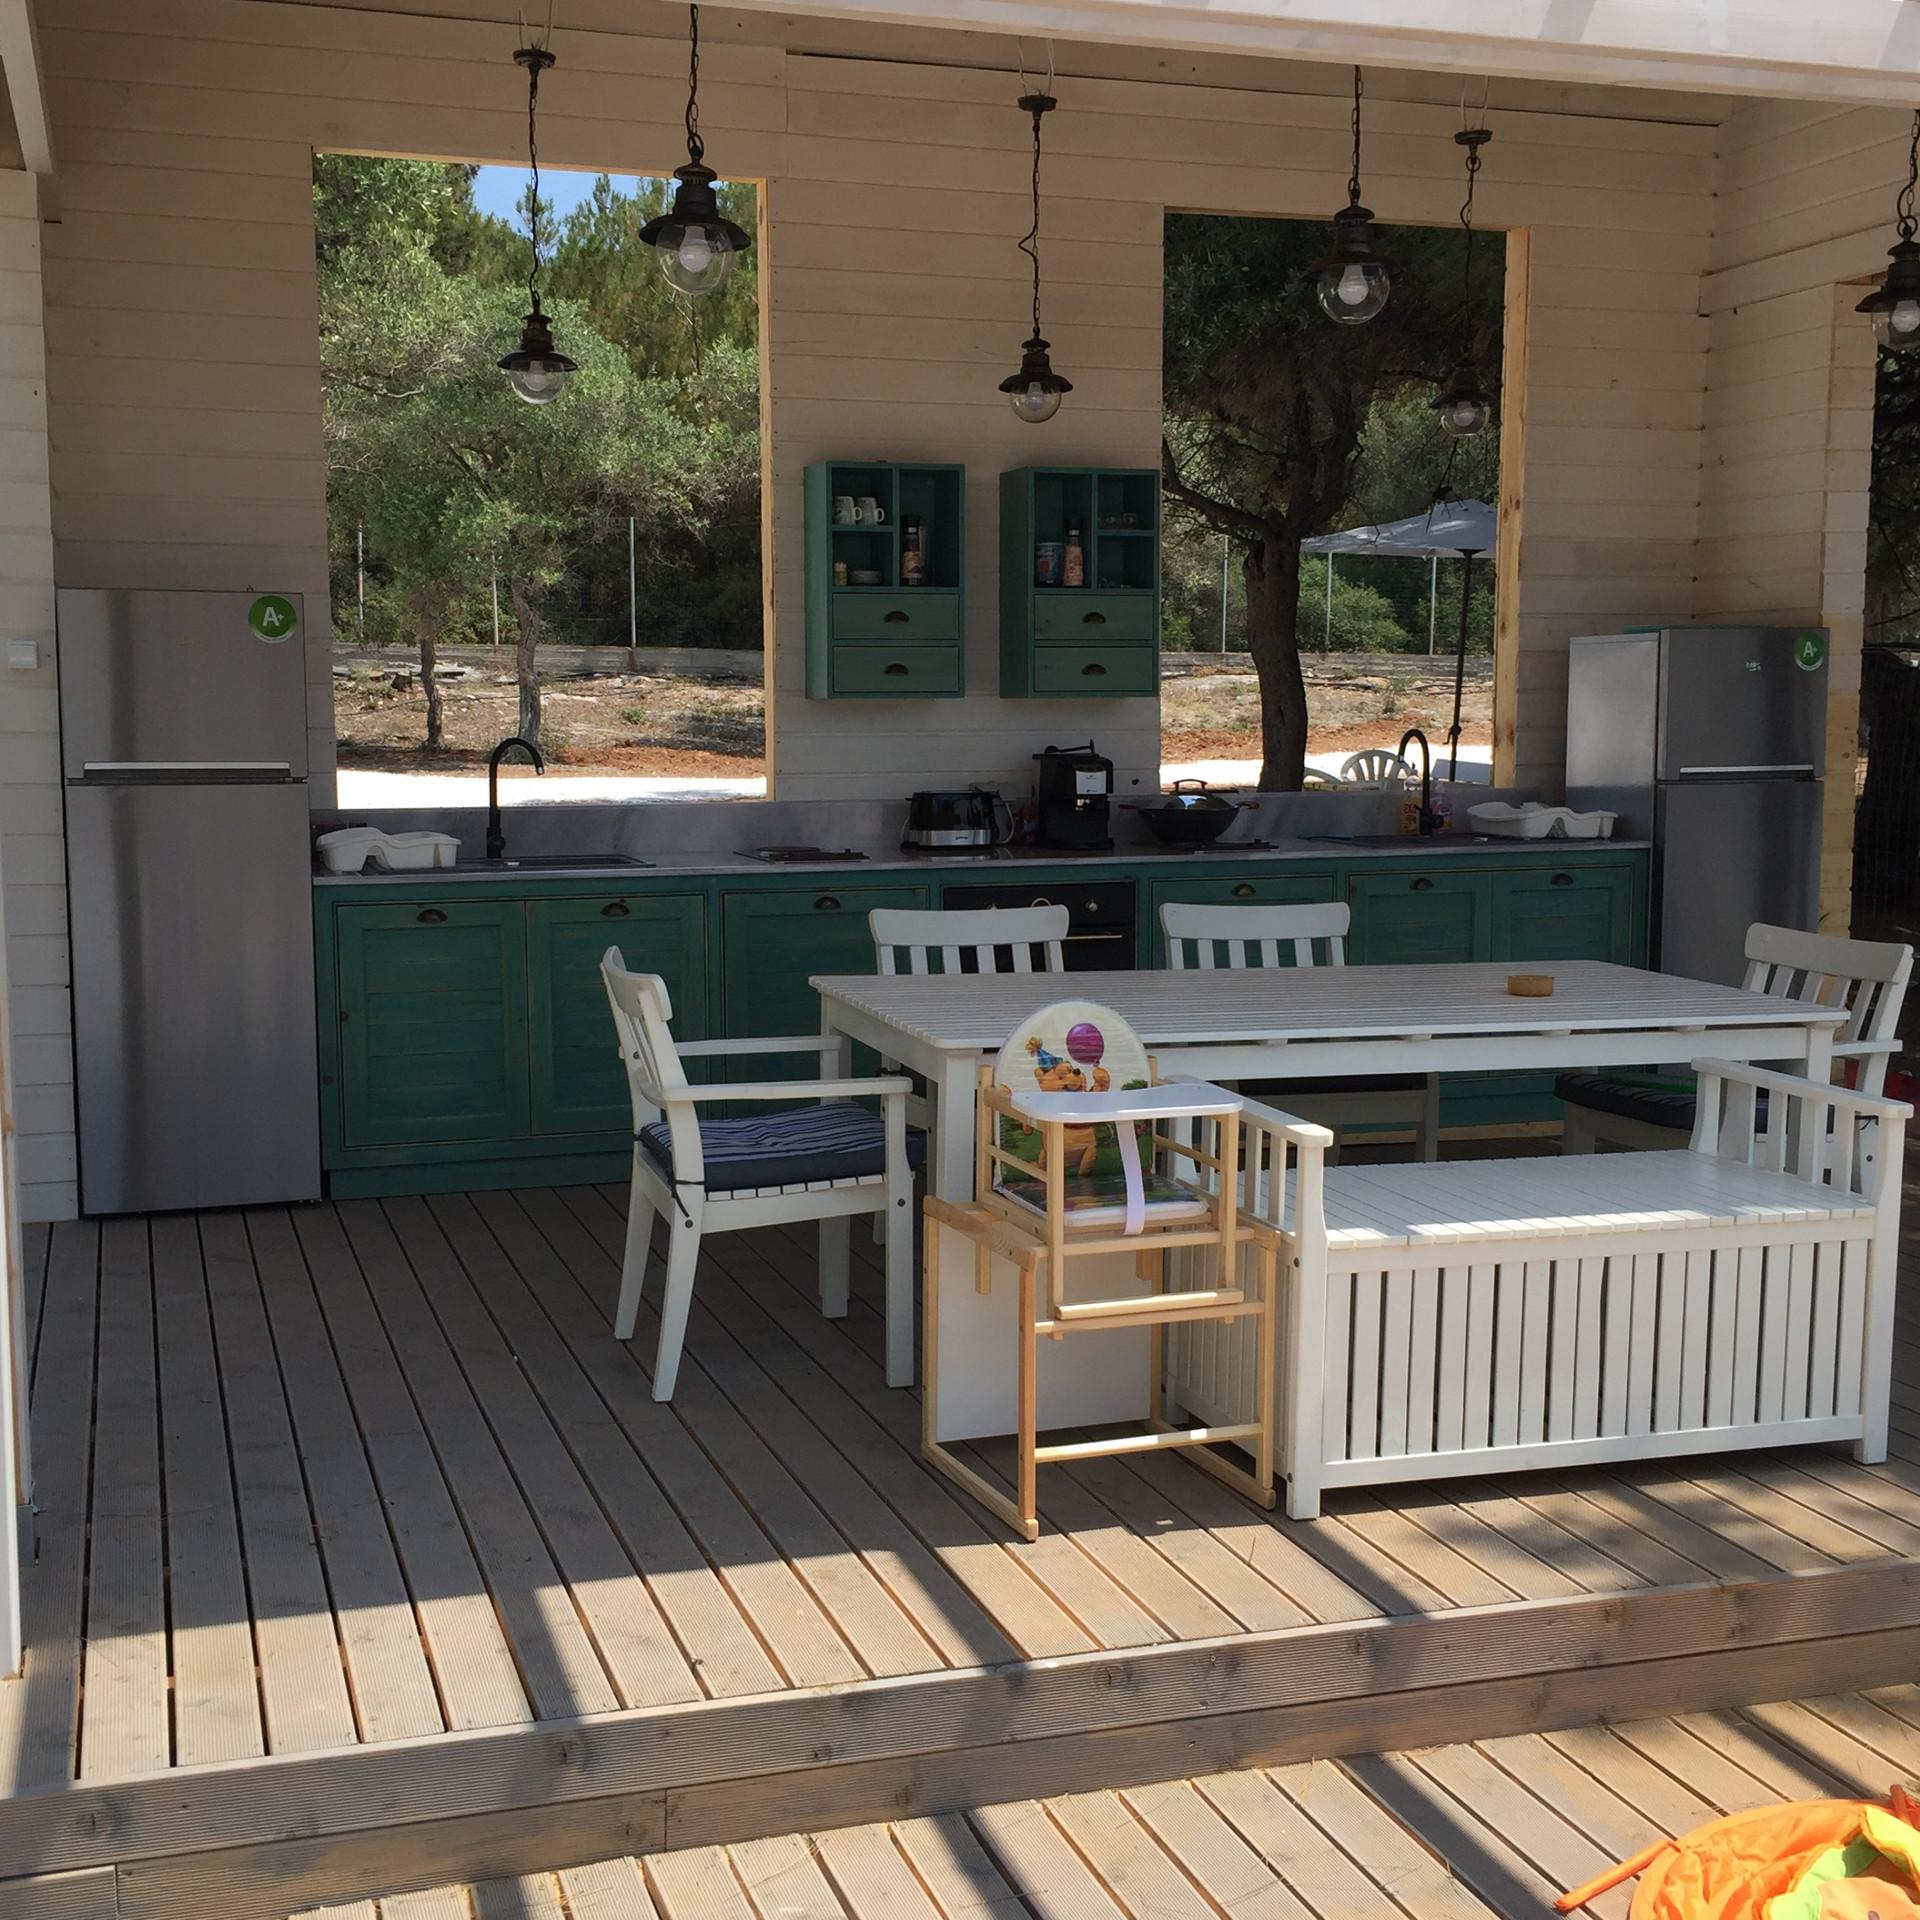 Our summer kitchen